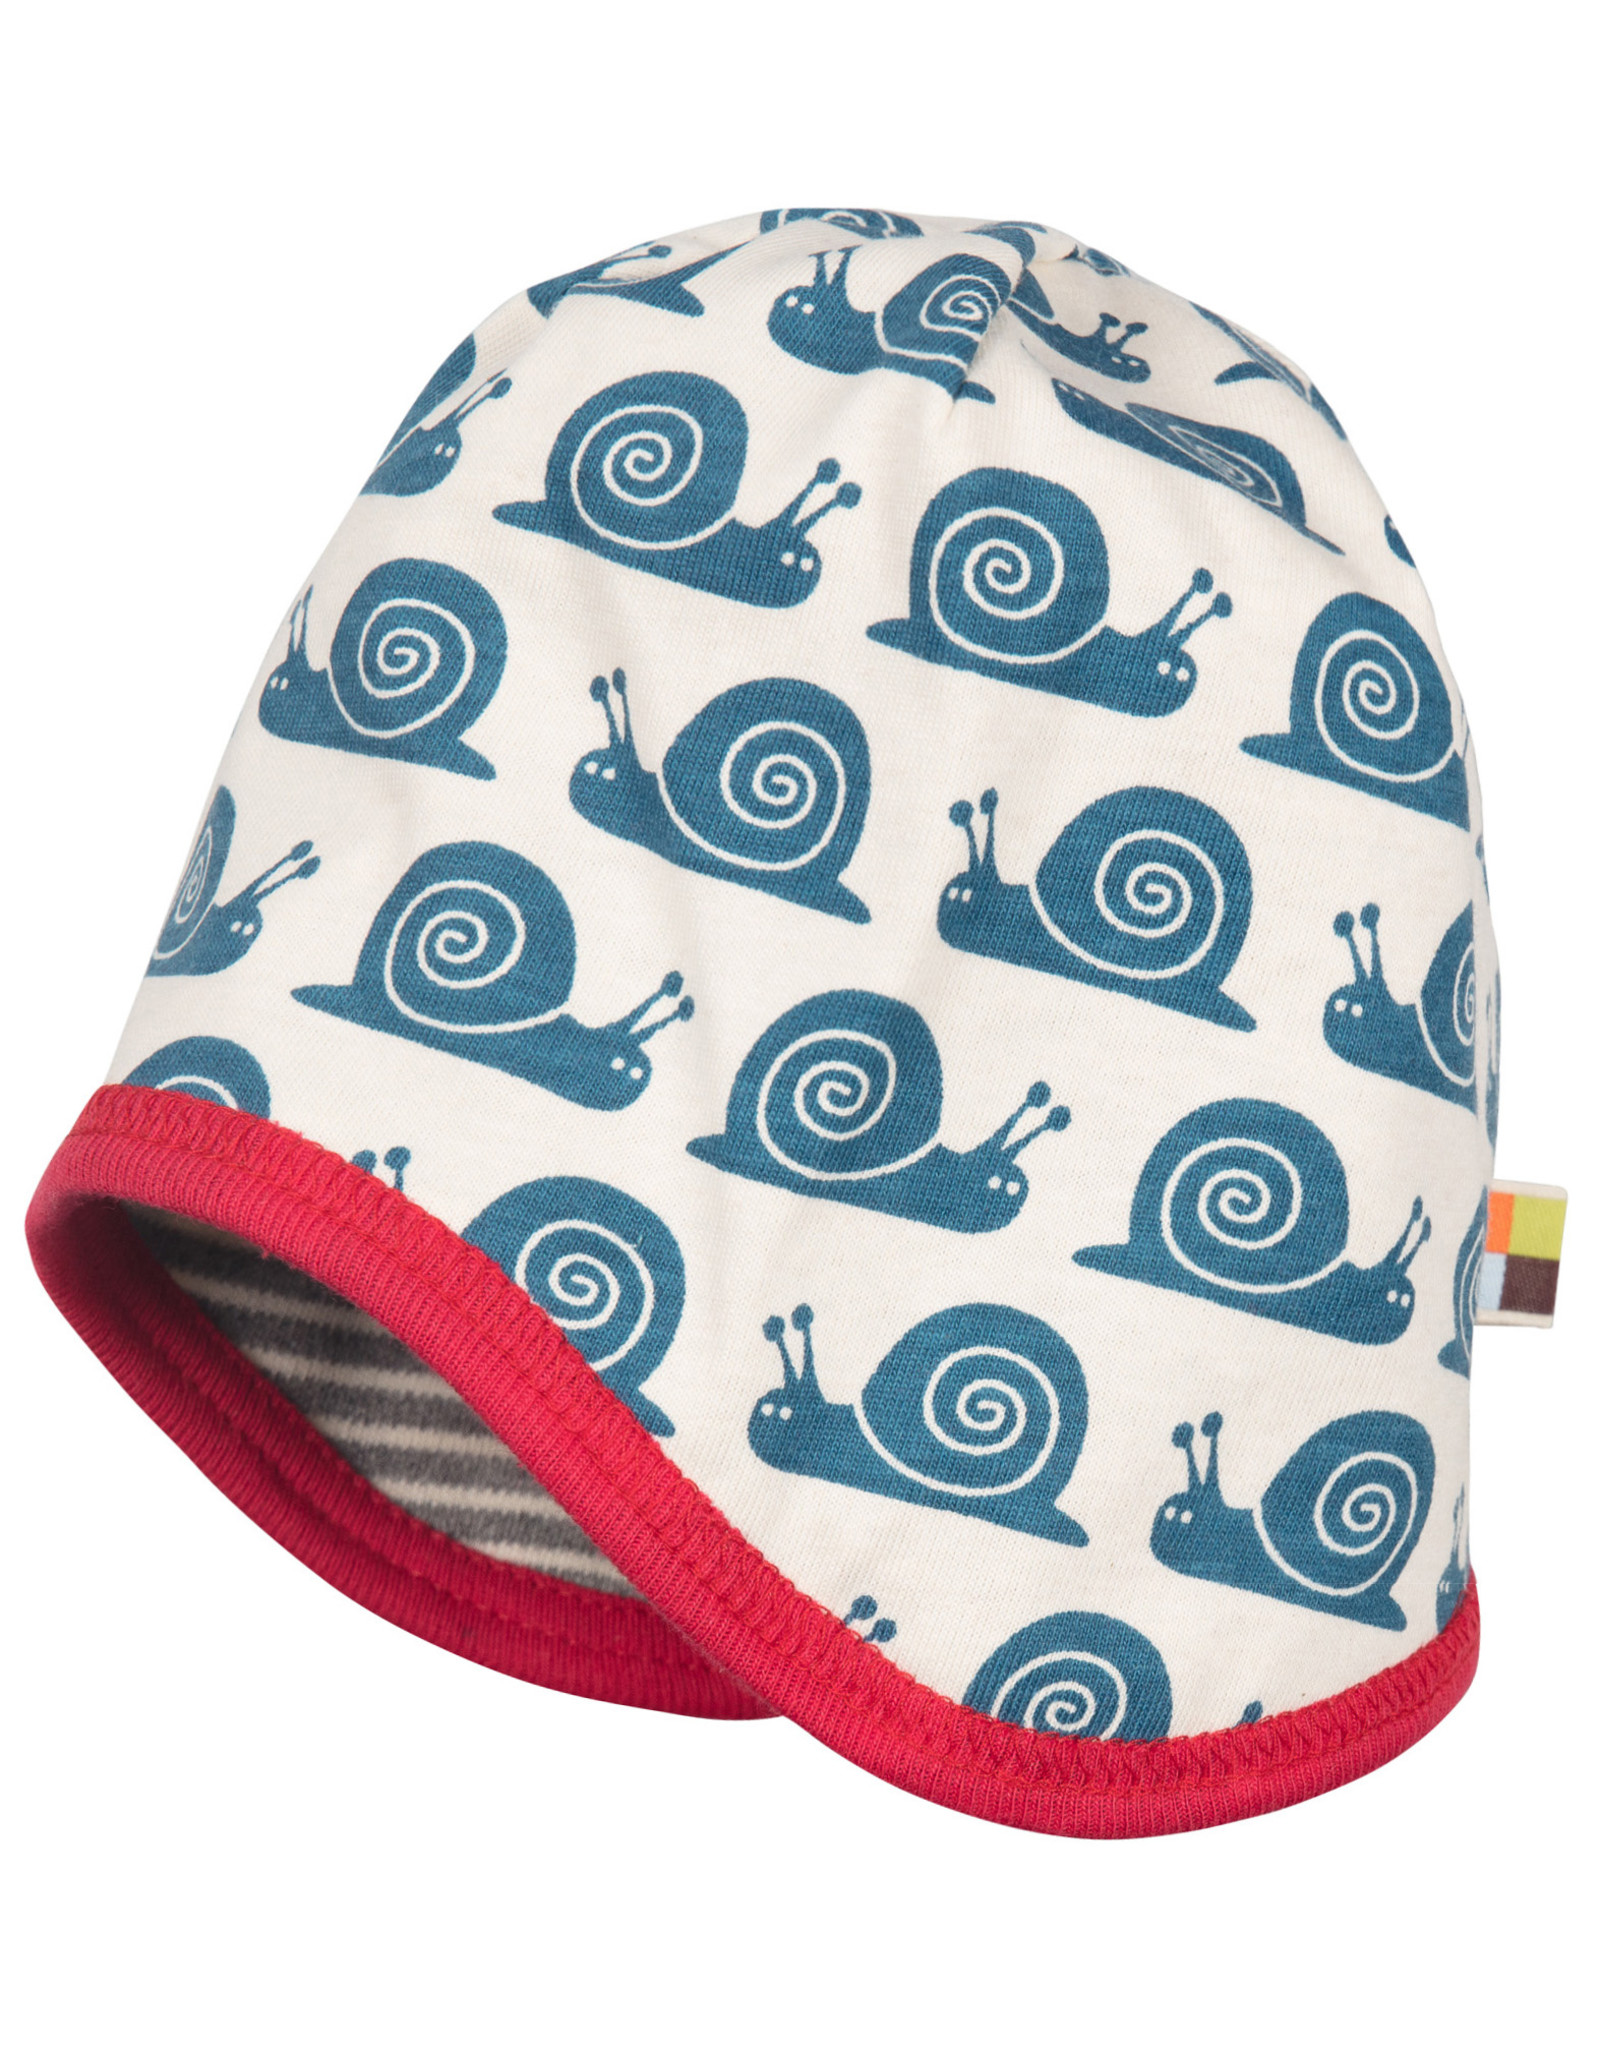 loud+proud Children's hat - grey with snails